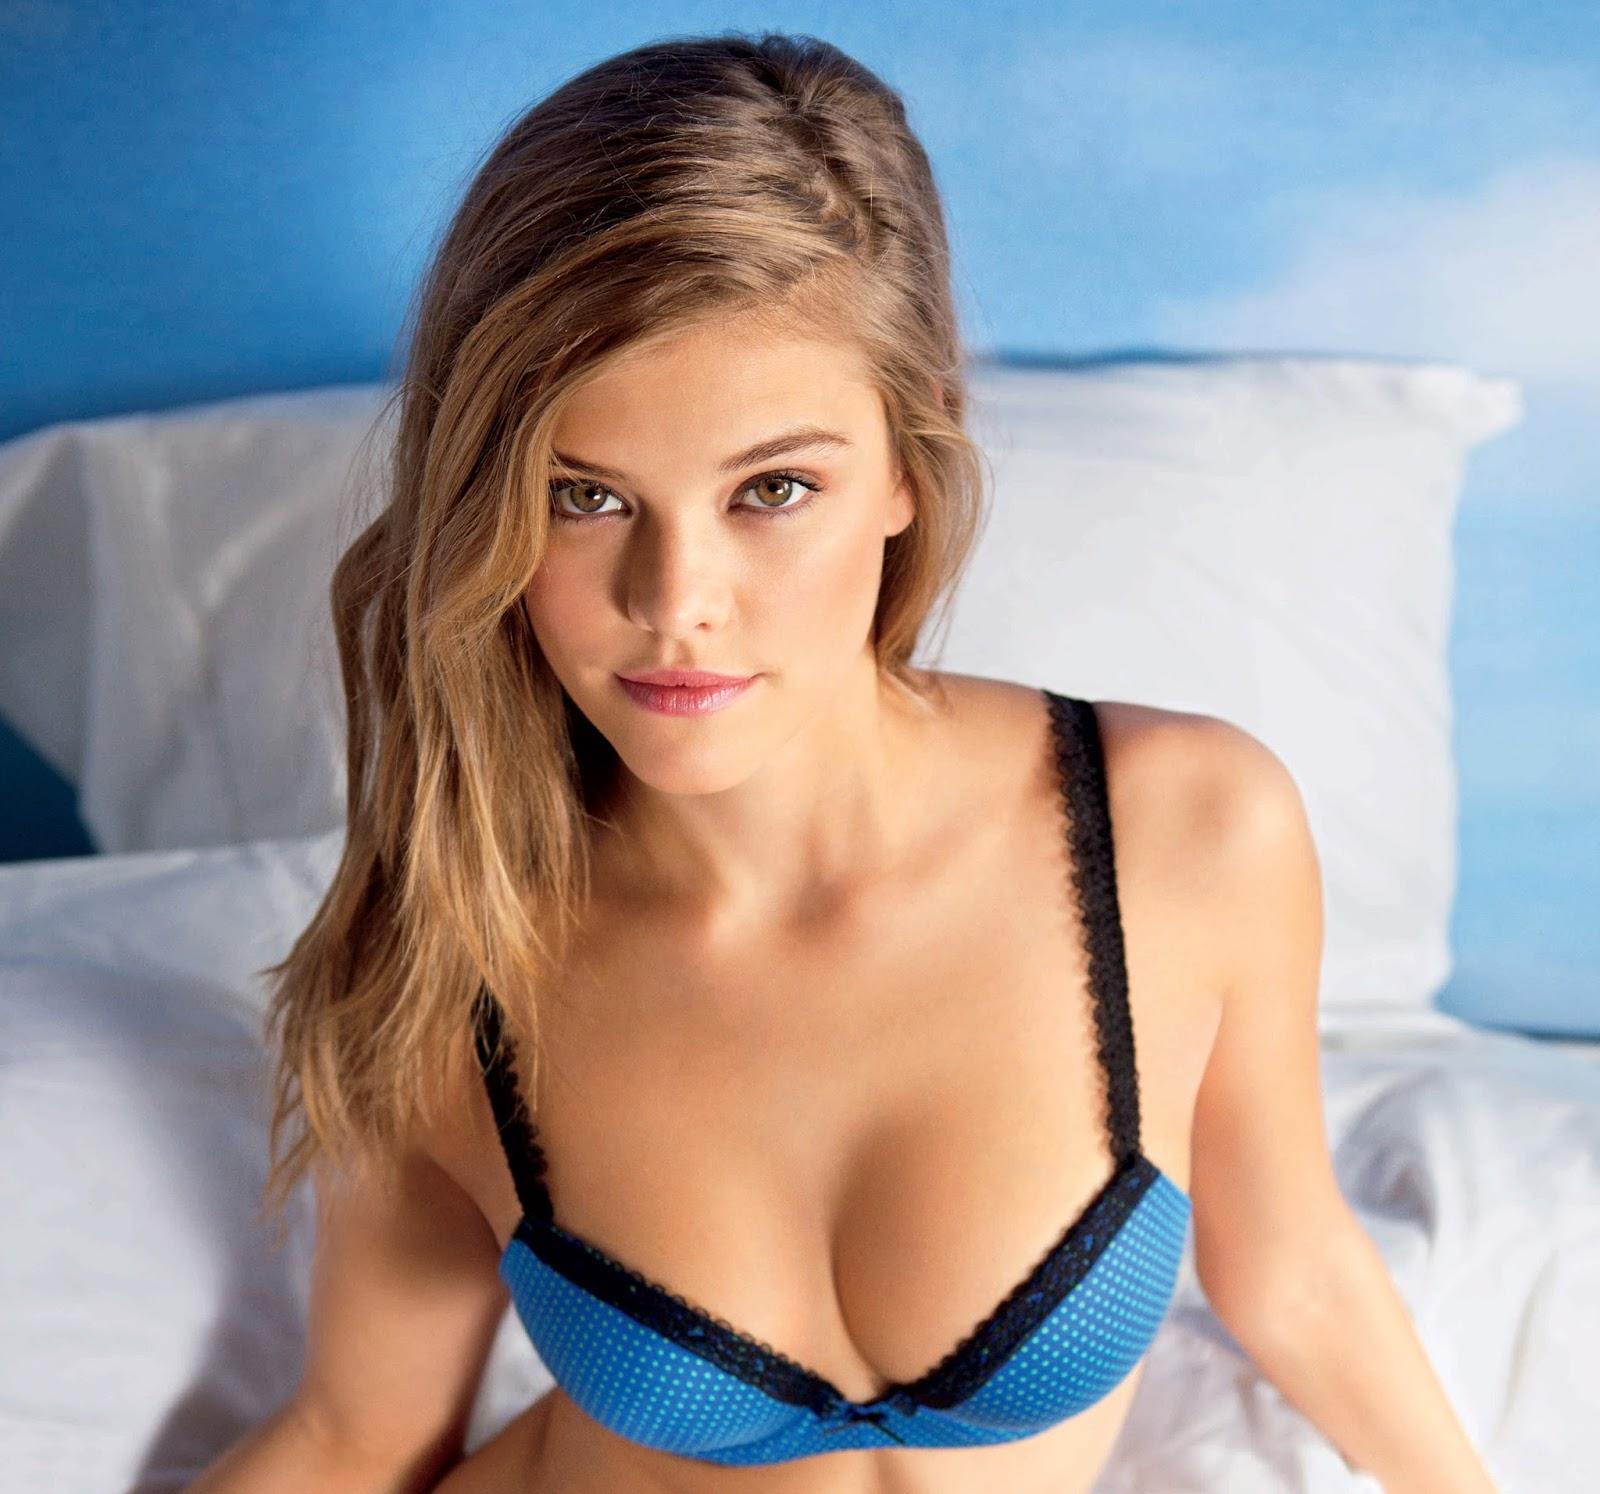 Nina Agdal nudes (47 photos) Boobs, Snapchat, braless